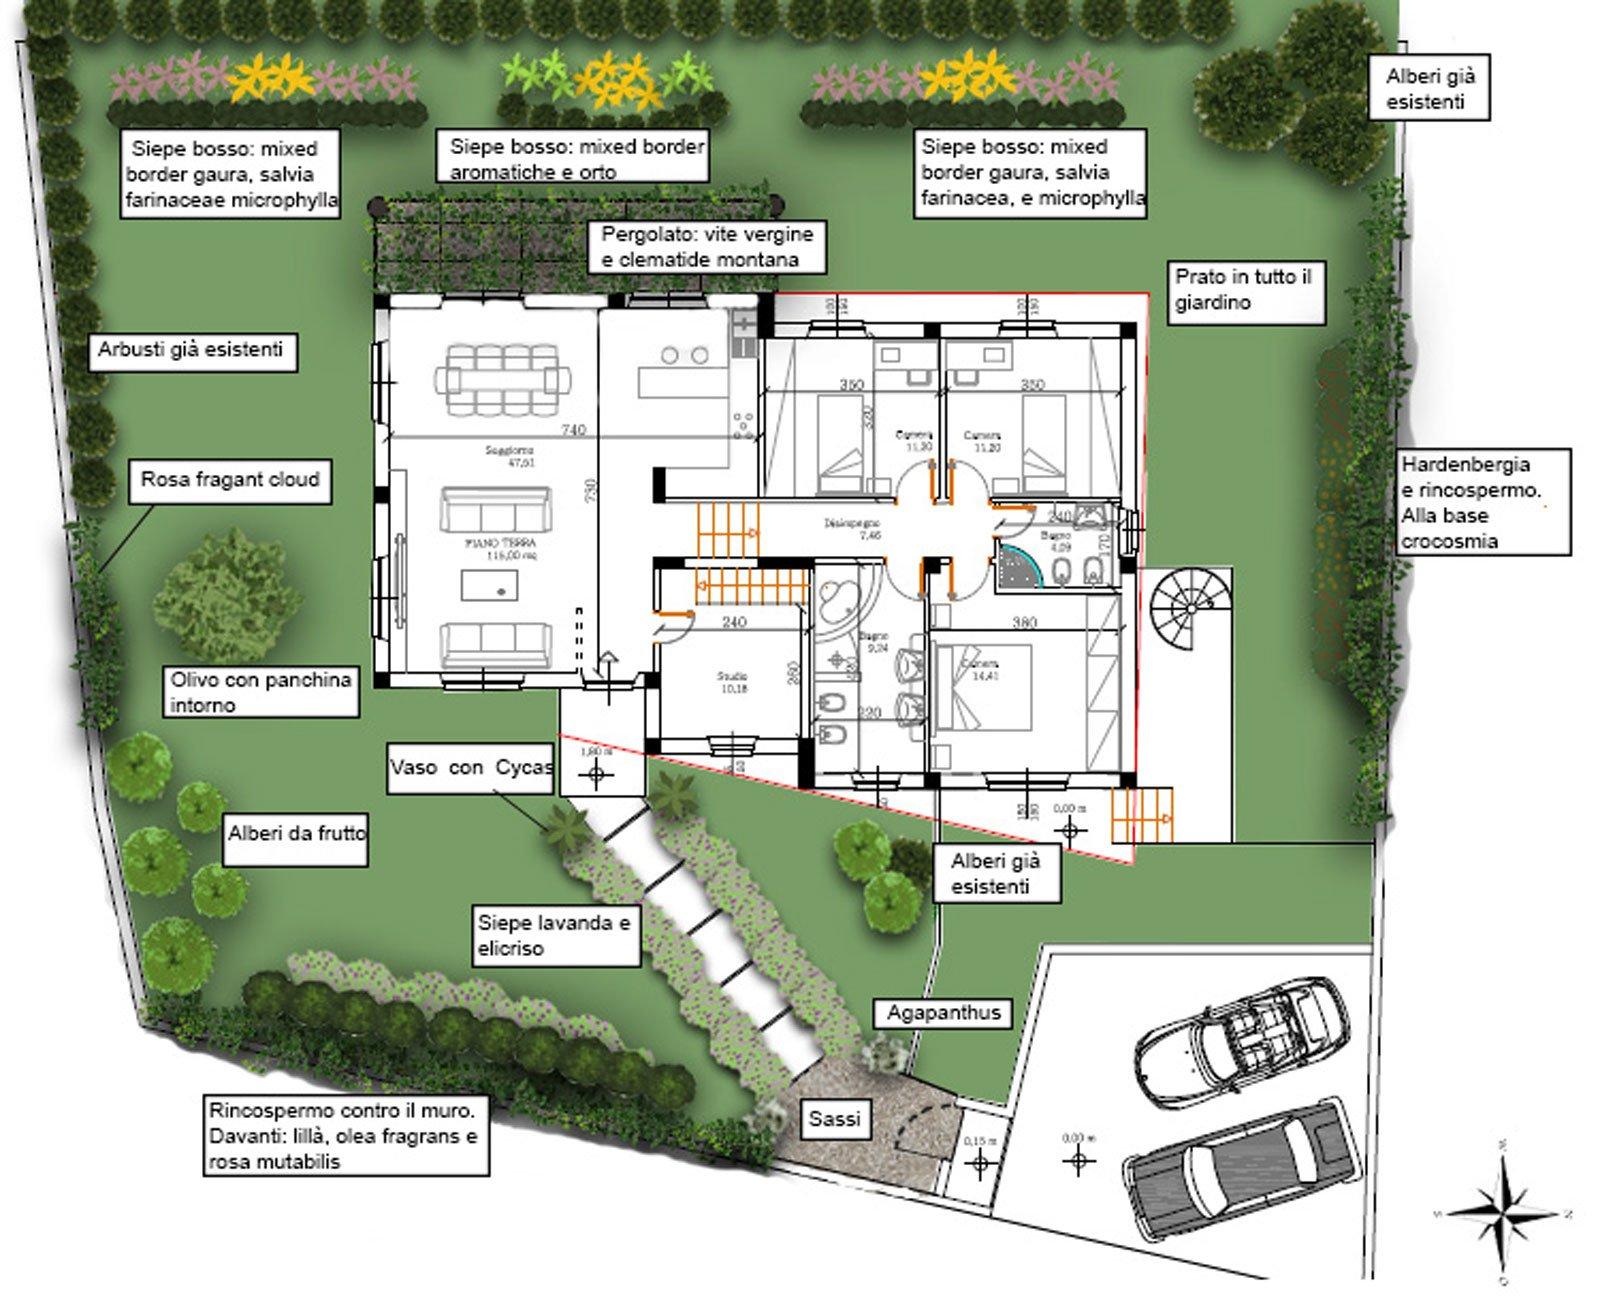 2-epsertorisp-Casa-in-fiore_progetto-giardino-Castriotta_-con-legenda_09-marzo-15